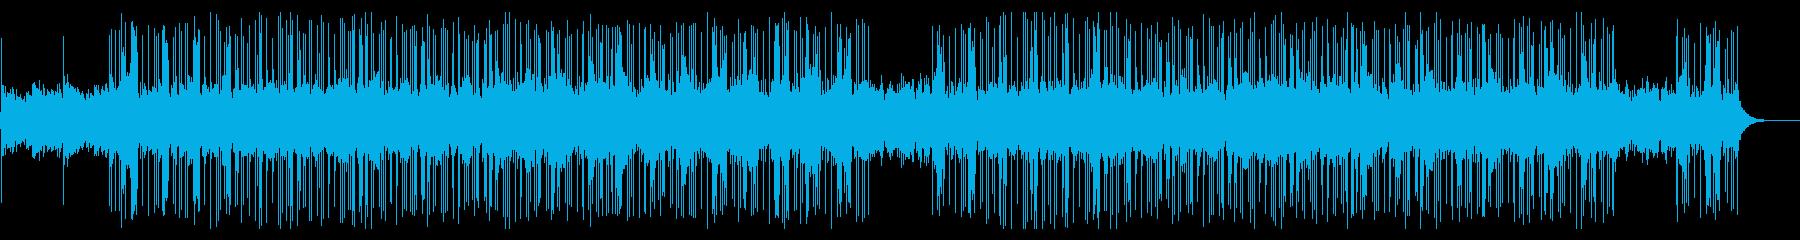 インスピレーションを与えるヒップホ...の再生済みの波形